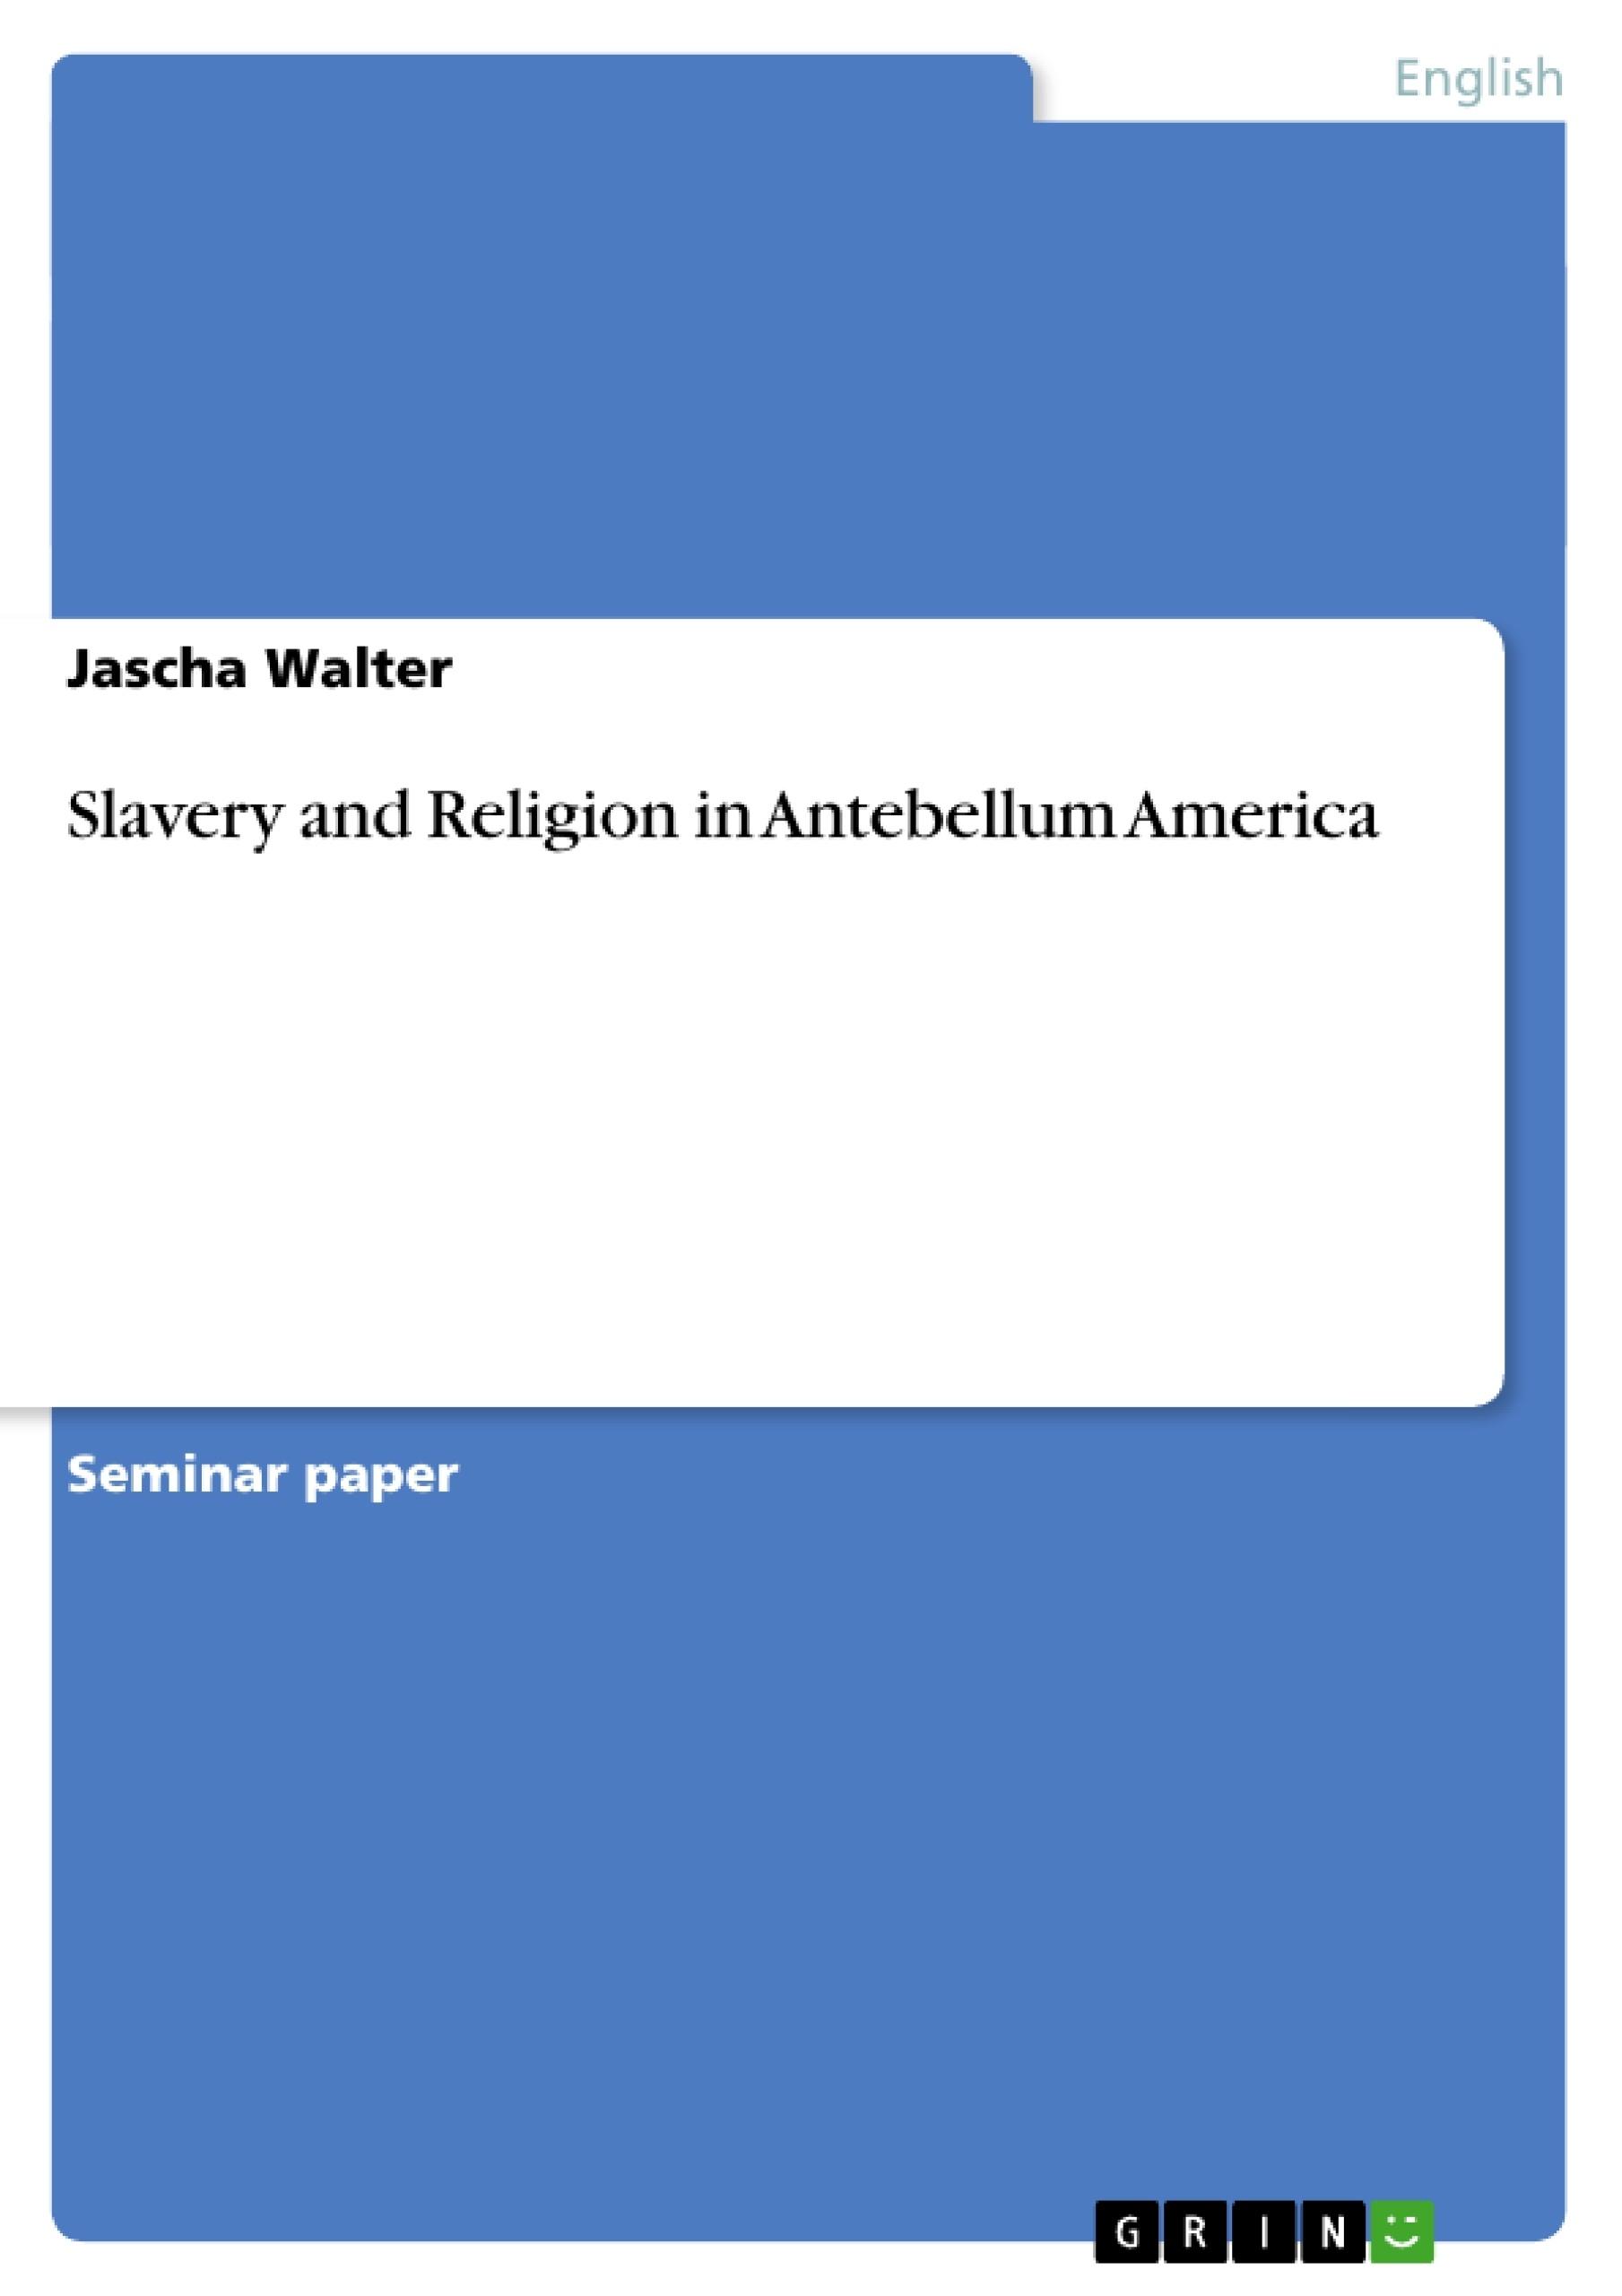 Title: Slavery and Religion in Antebellum America